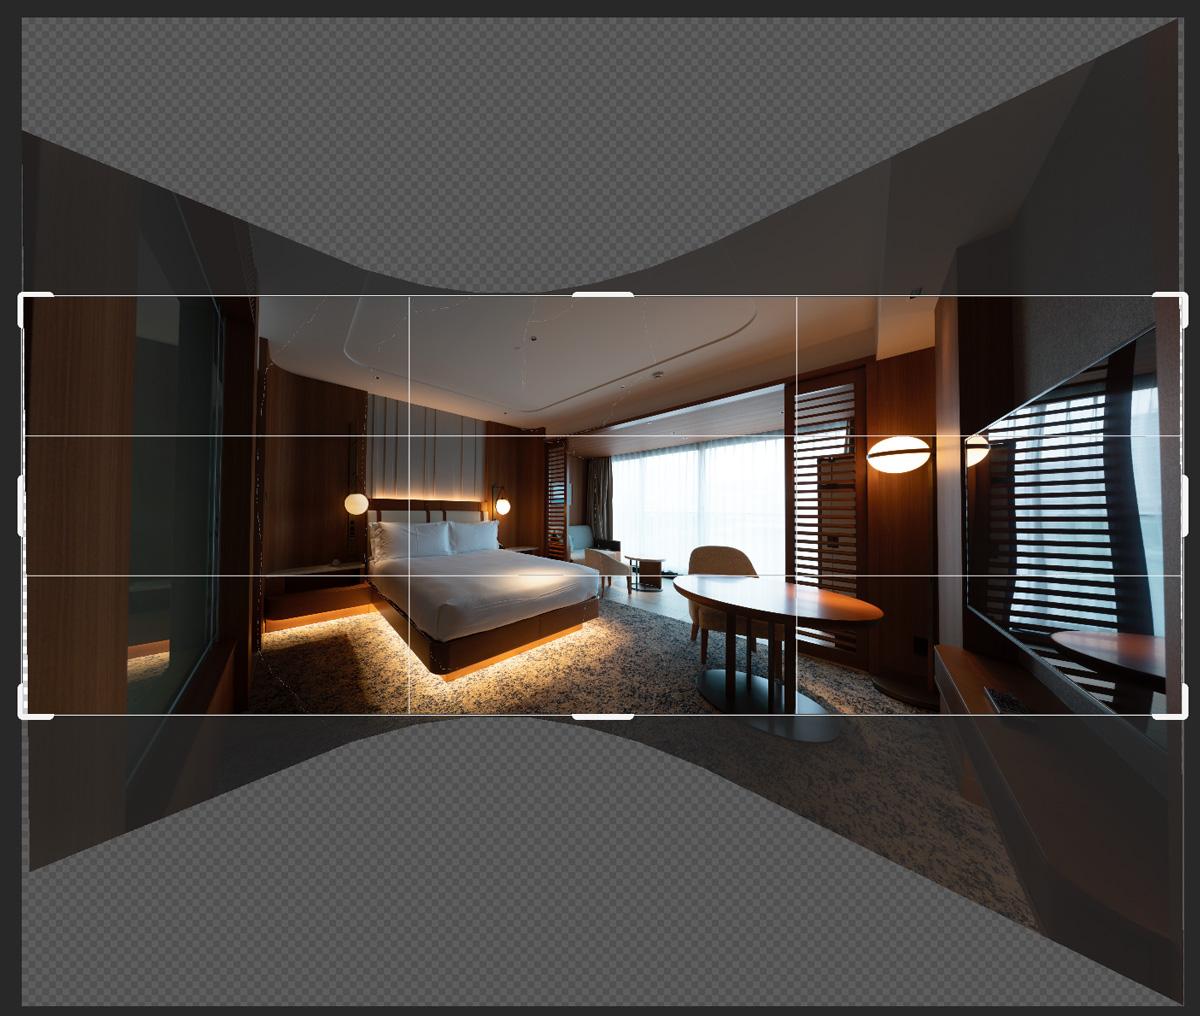 panoramatest4.jpg